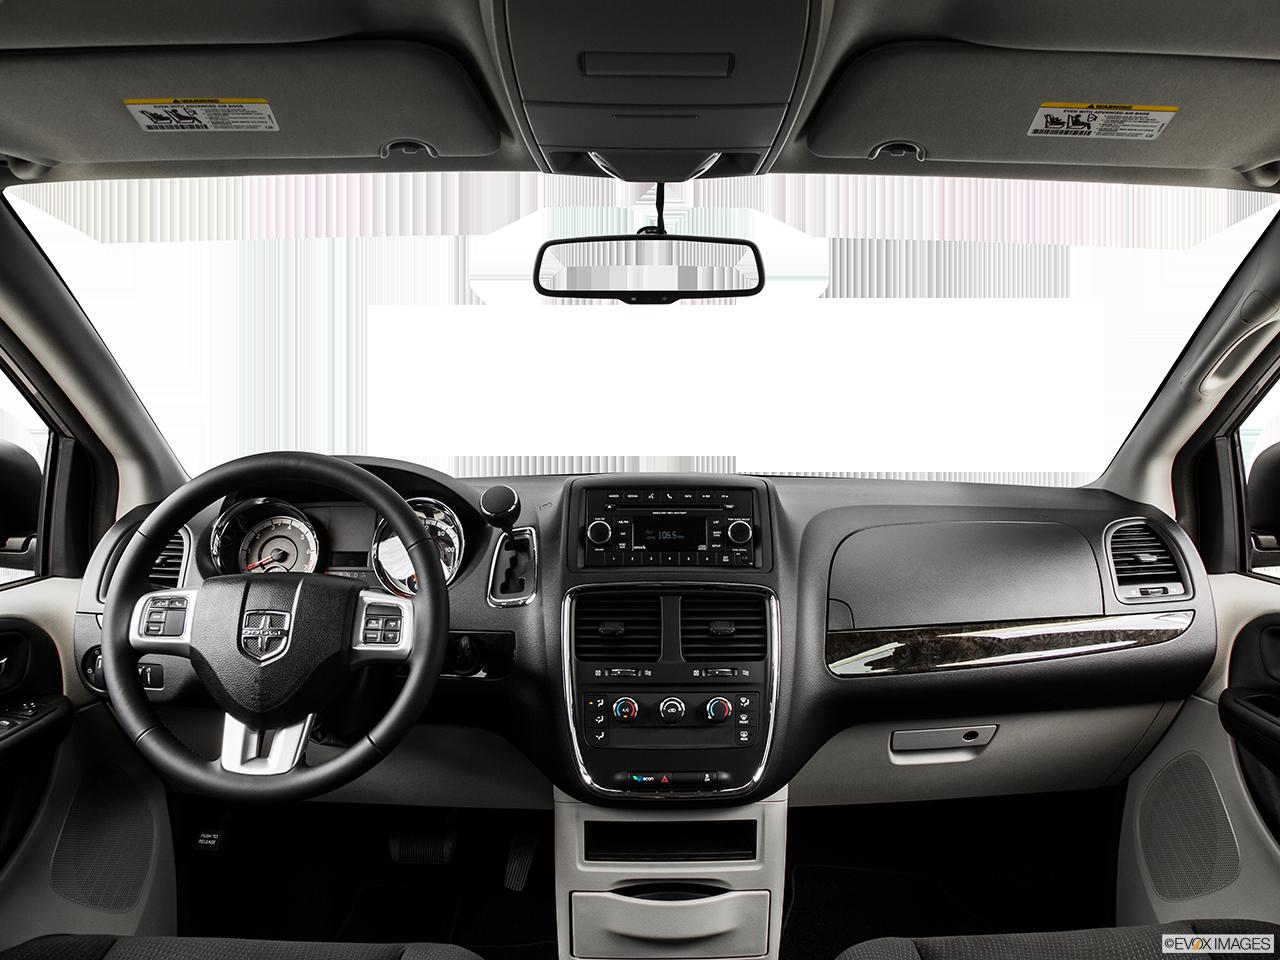 2015 Dodge Grand Caravan Dealer In Orange County